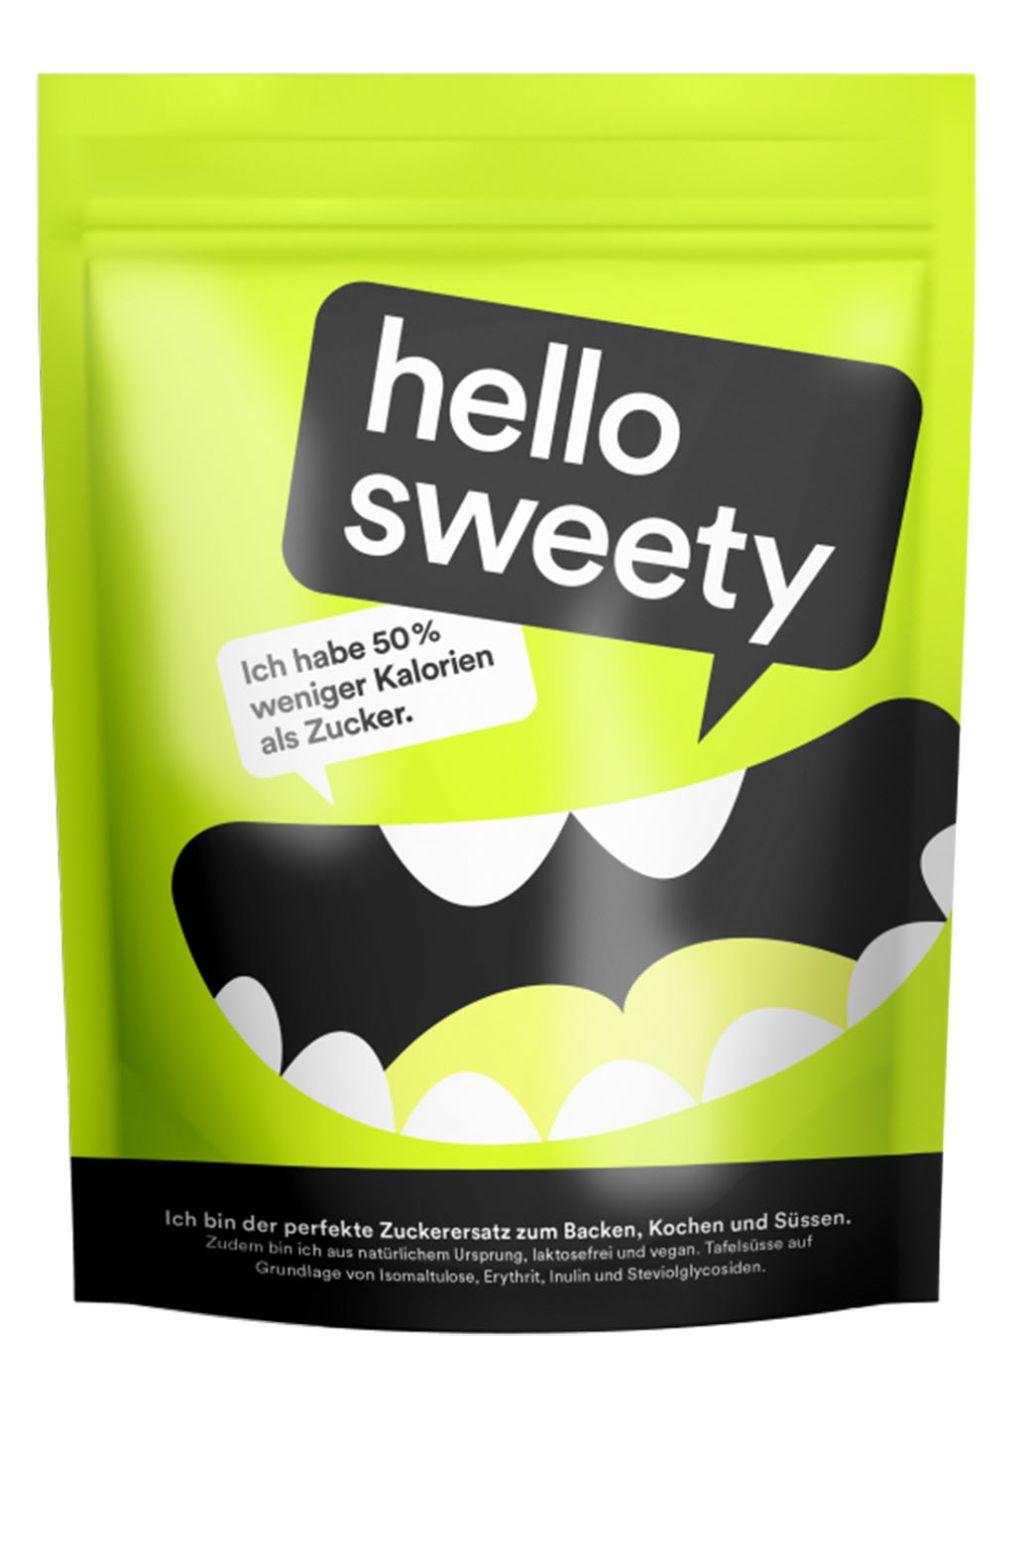 Hello sweety - der Zucker der Zukunft